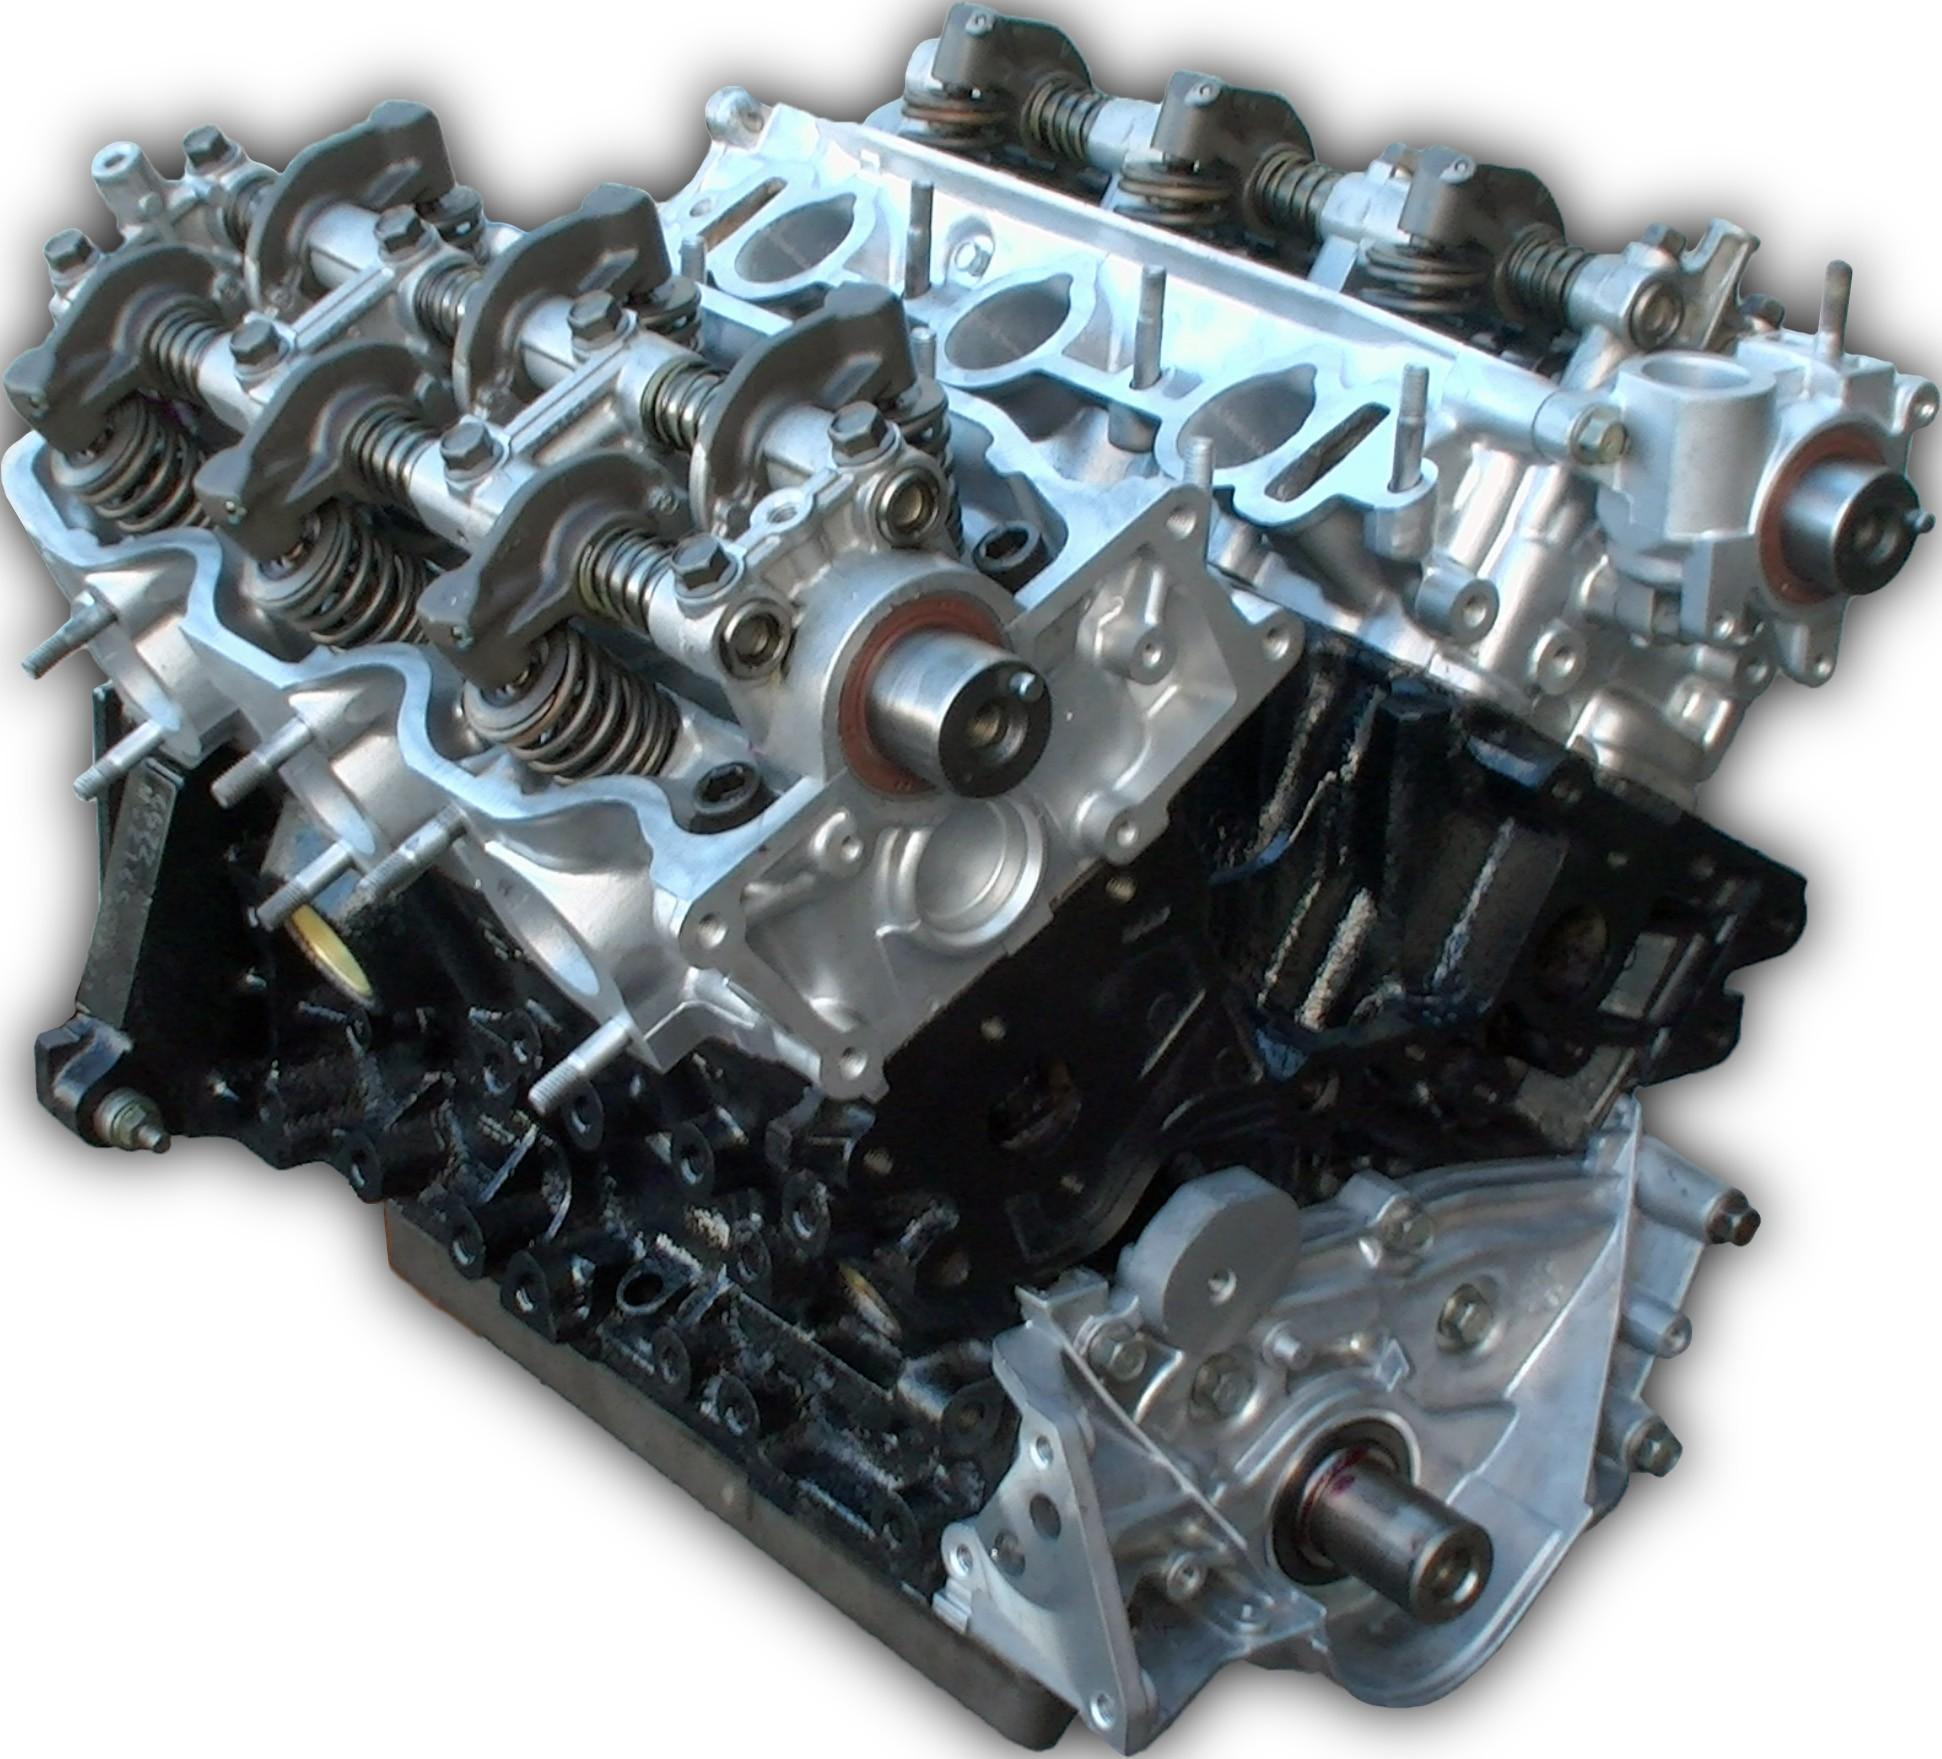 3.0 mitsubishi engine